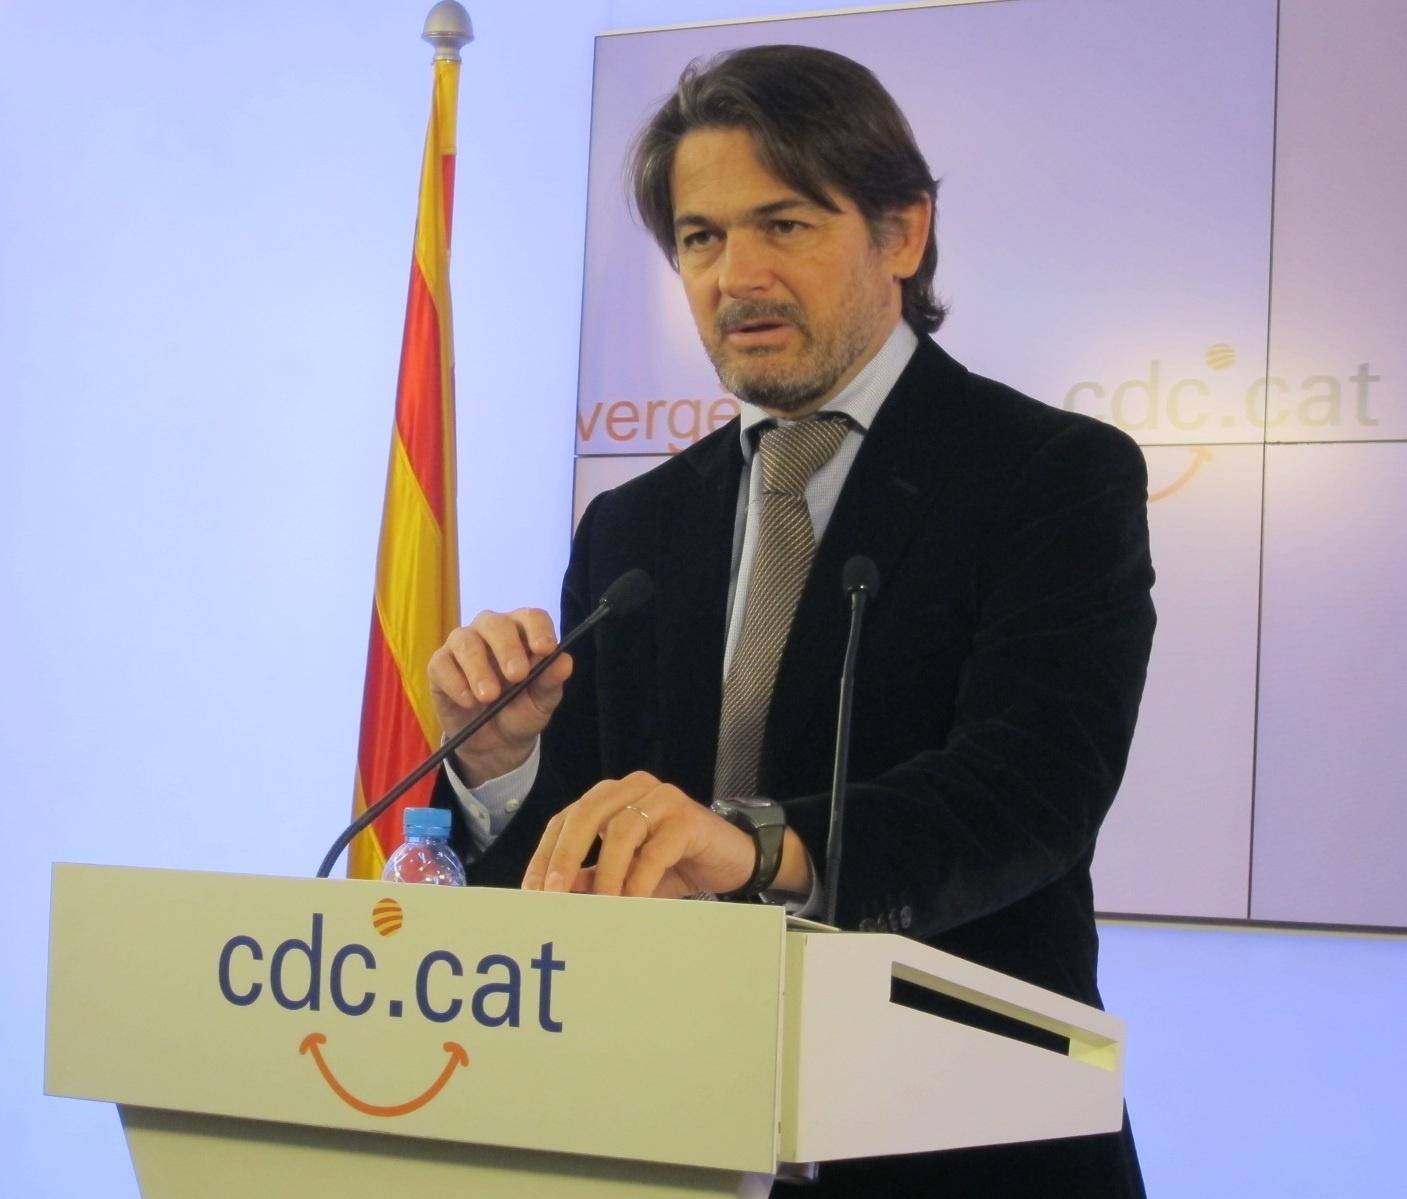 Josep Maria Cruset releva a Joaquim Nin al frente de CDC en el Camp de Tarragona